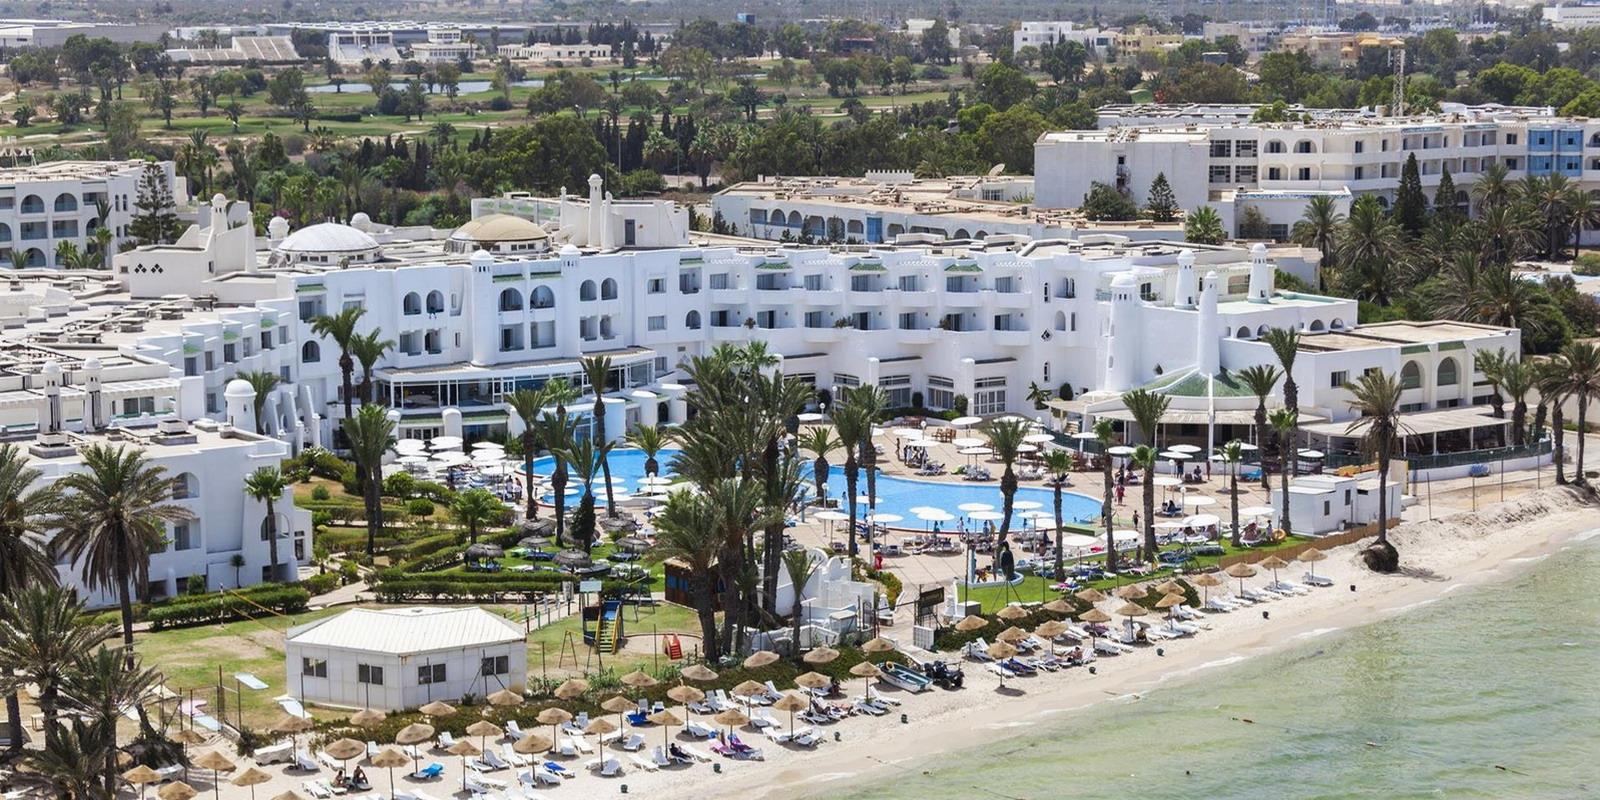 Сканес – пляжный отдых для непритязательных туристов